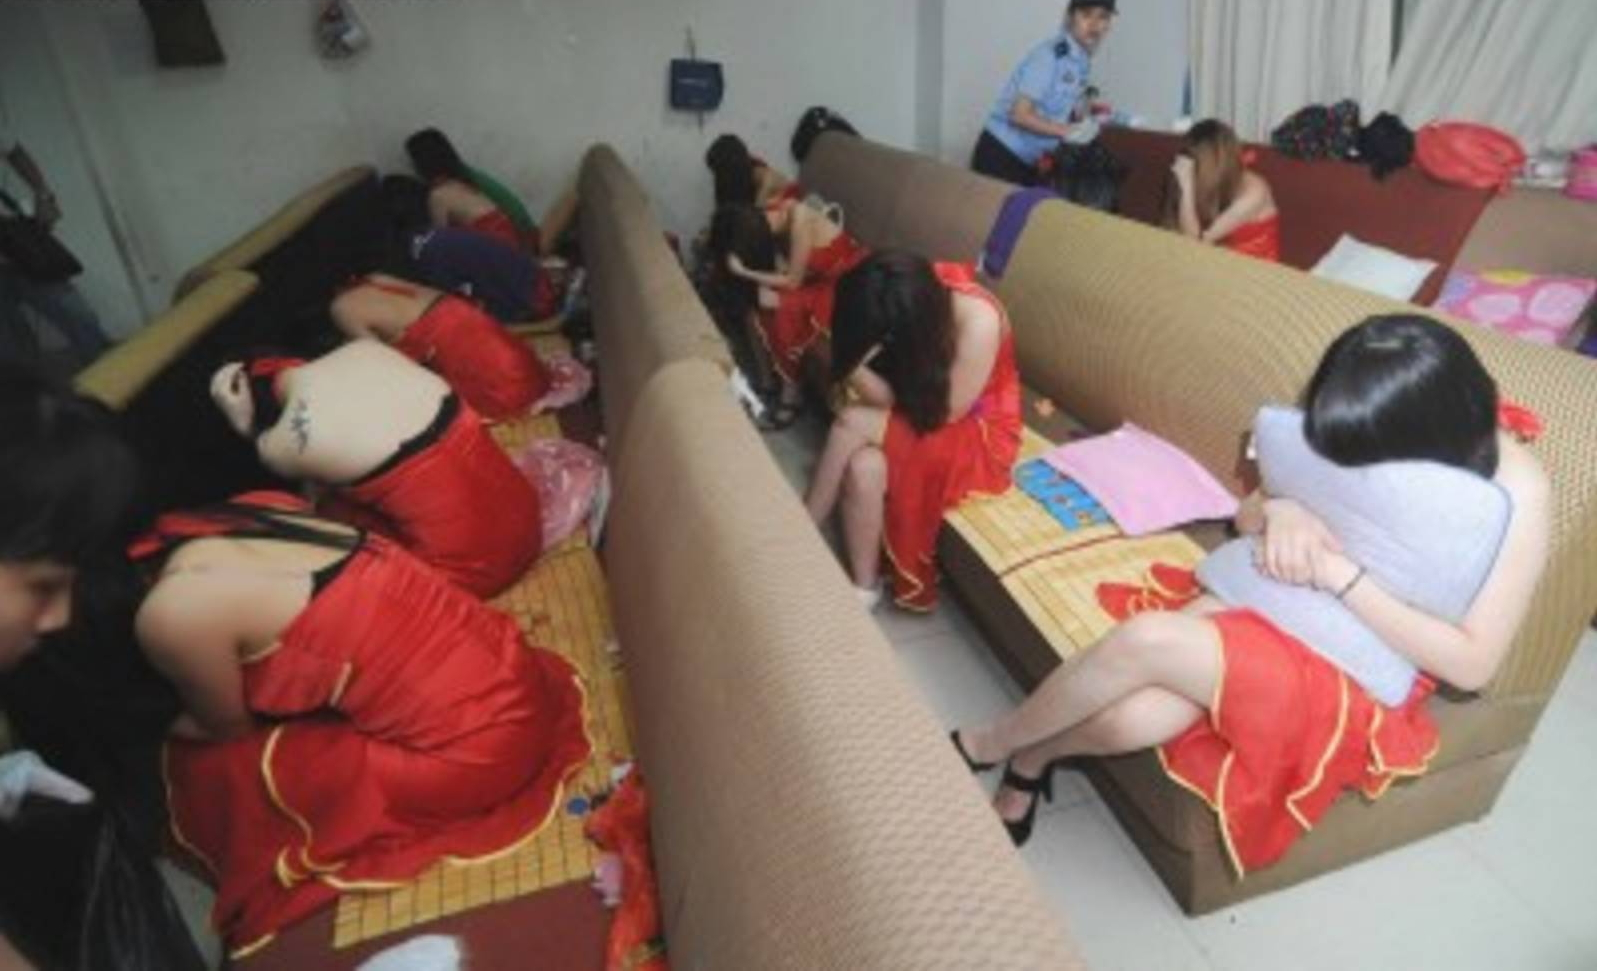 【草】違法風俗嬢たちの摘発の瞬間、、逮捕された上に裸まで晒されて草wwwwwwwwwwww(画像あり)・24枚目